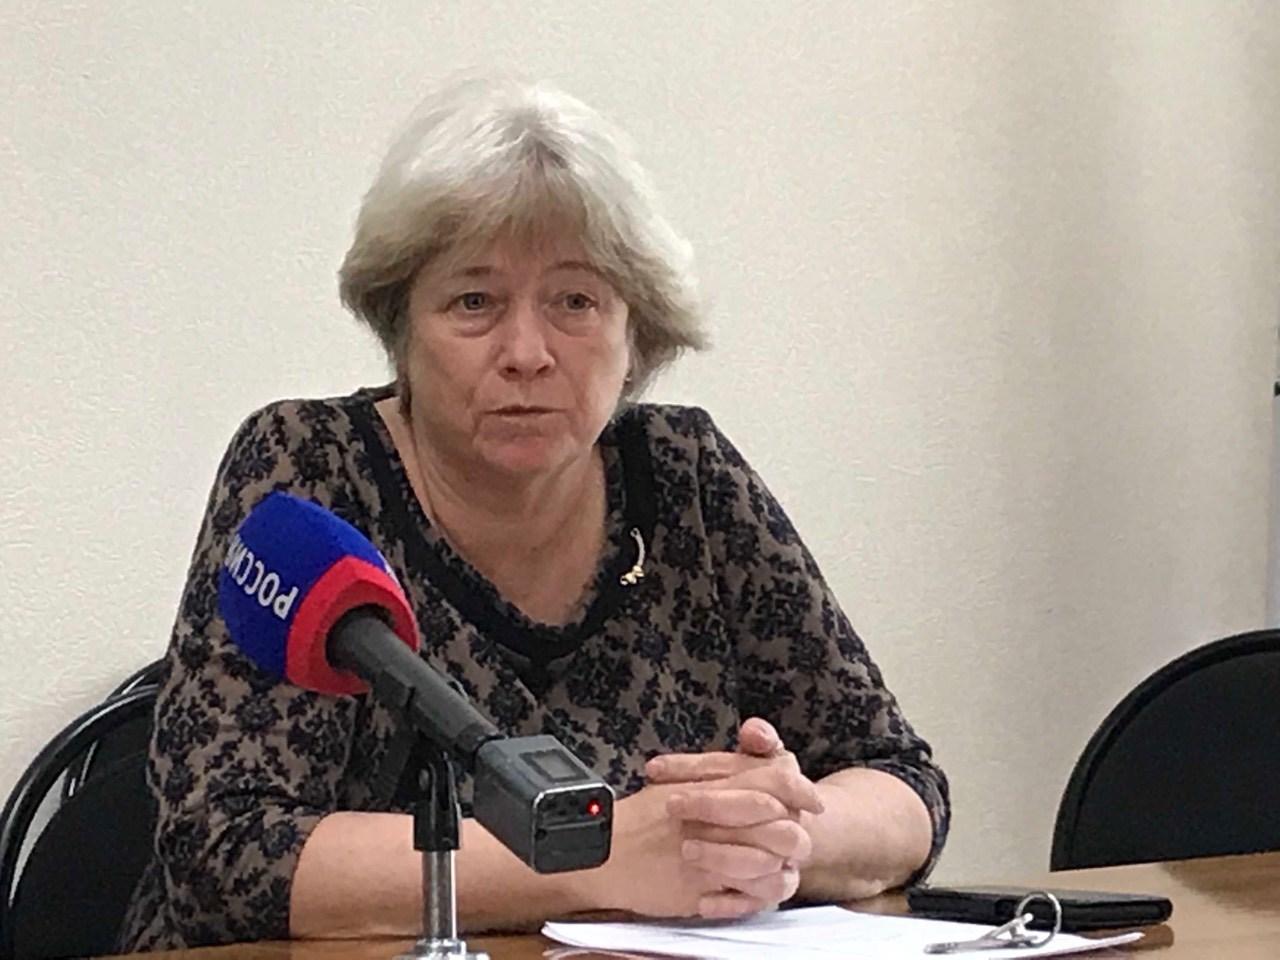 13 мая  в министерстве здравоохранения Иркутской области состоялась пресс-конференция по вопросу оказания медицинской помощи двухлетней девочке, скончавшейся в начале апреля в Иркутской областной инфекционной клинической больнице.   В пресс-конференц…